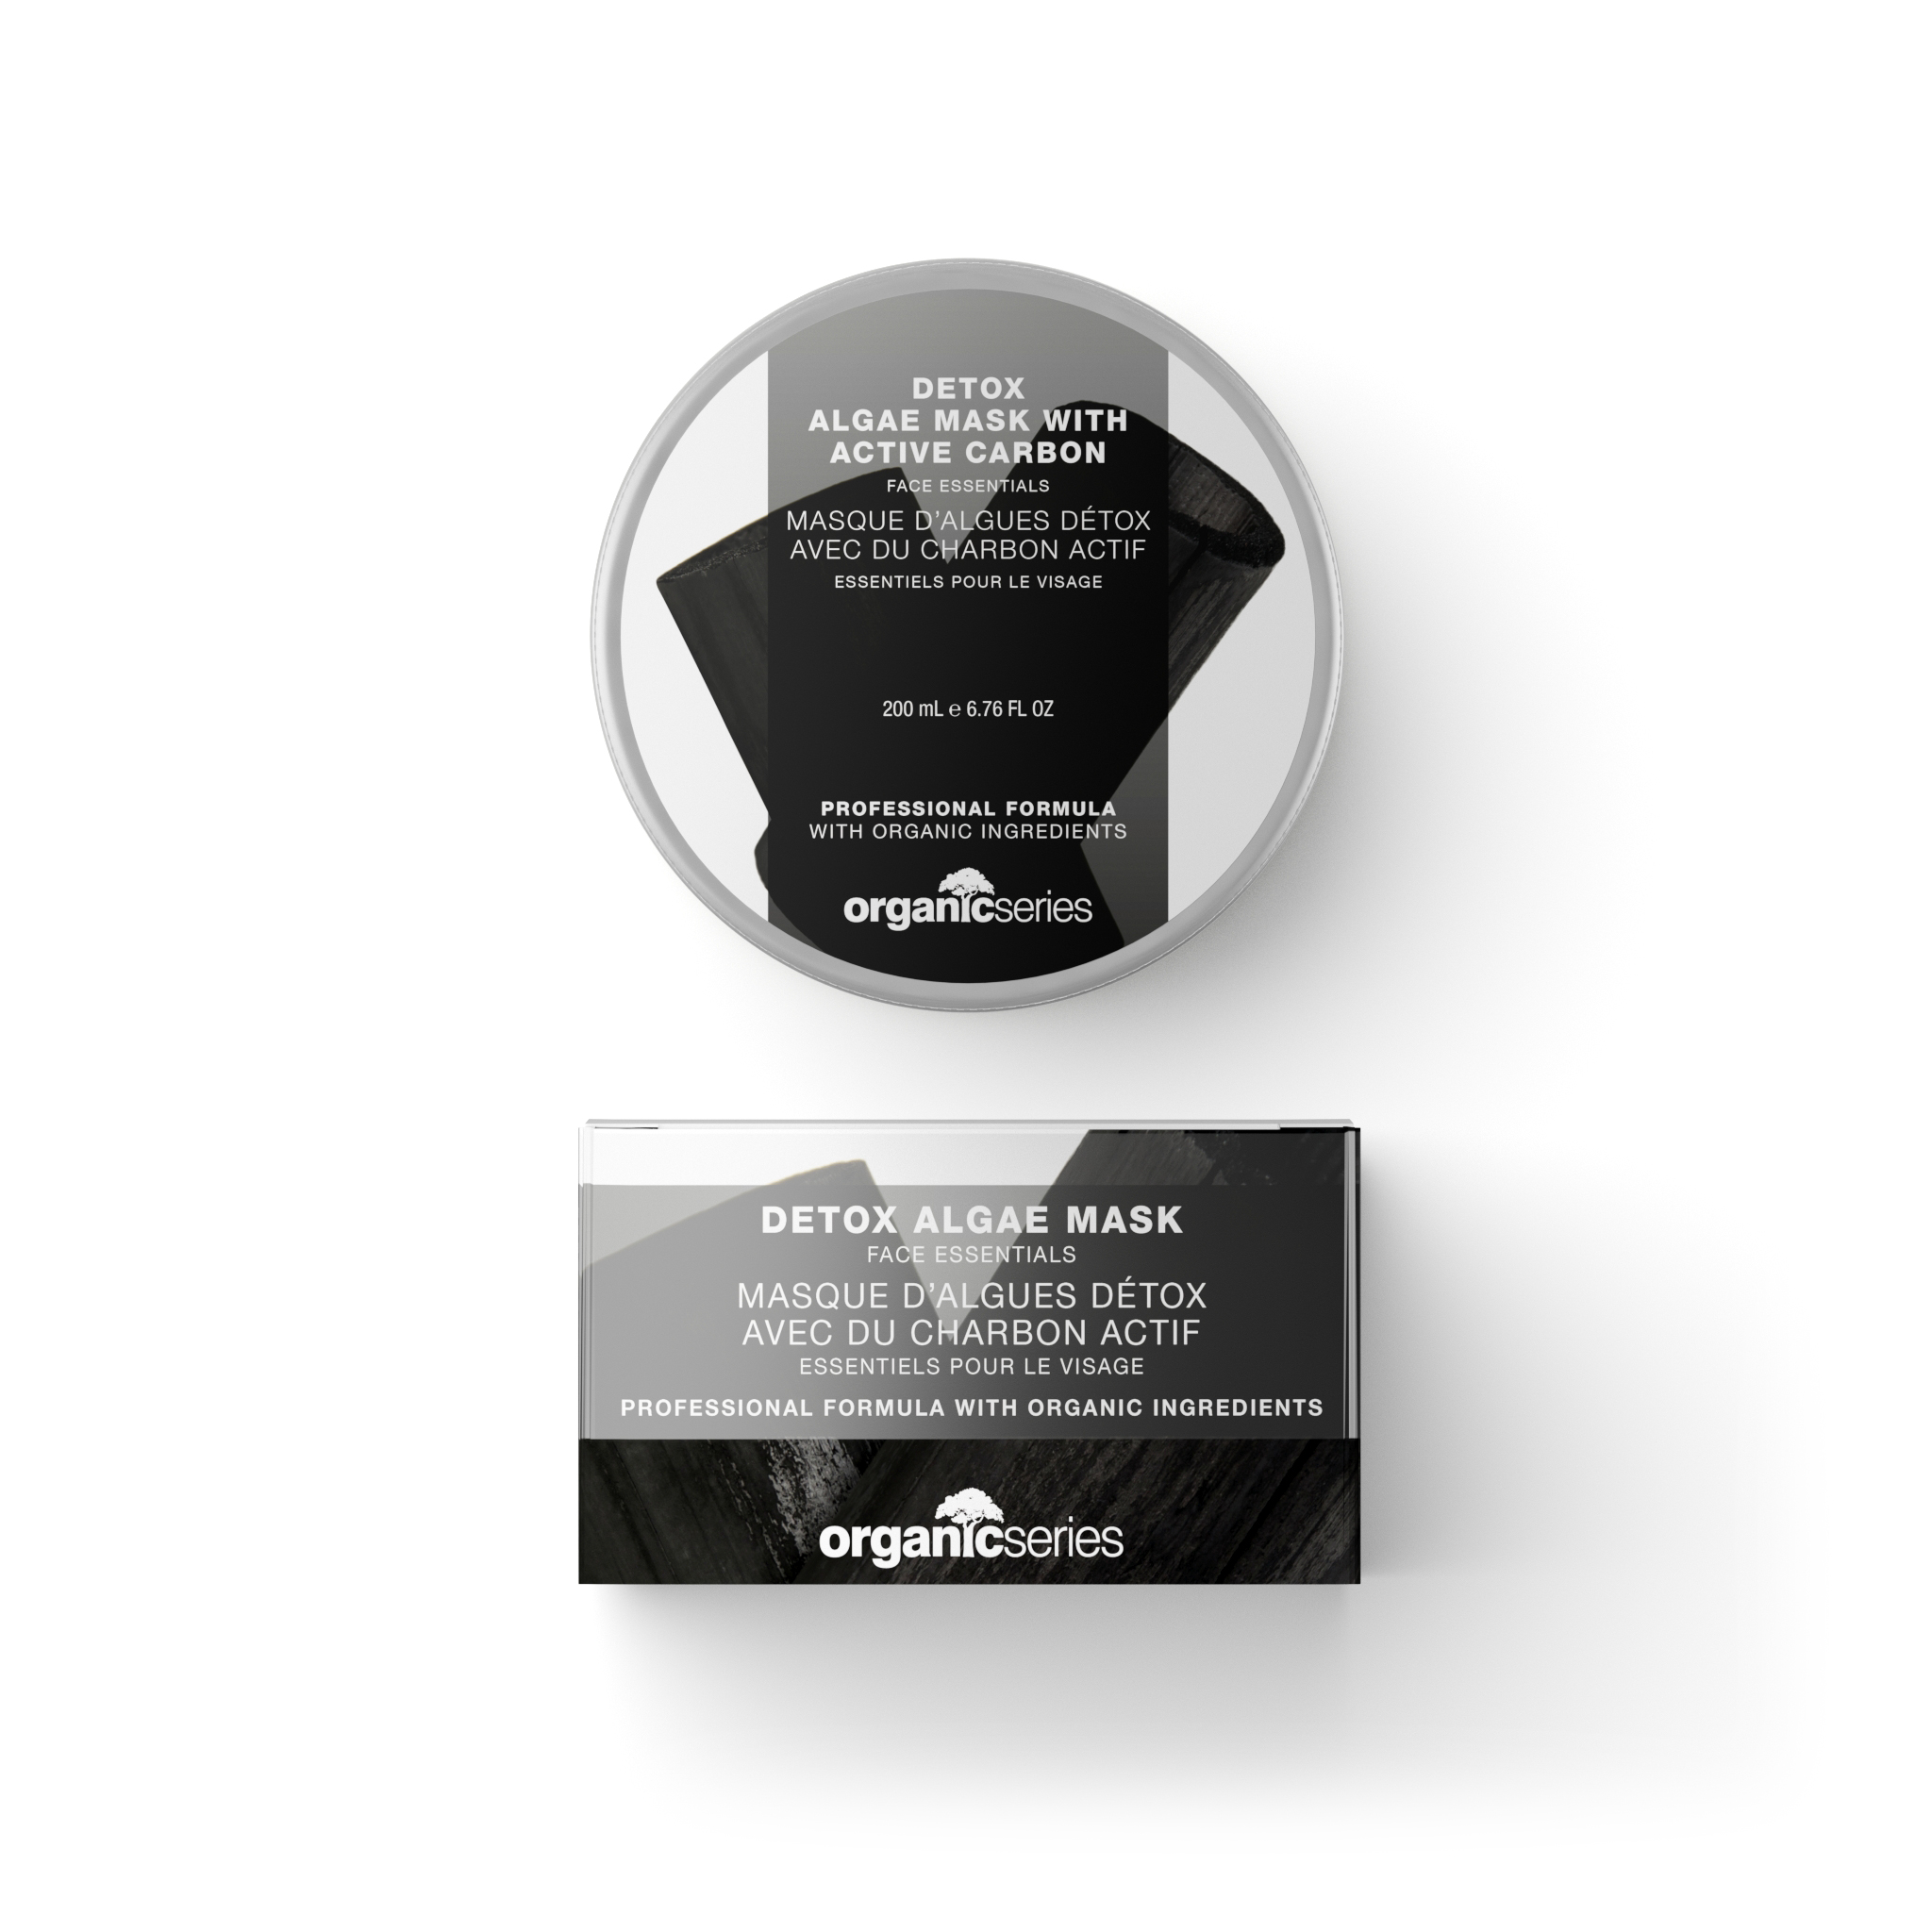 Alginátová maska - DETOX objem ml: 200 ml